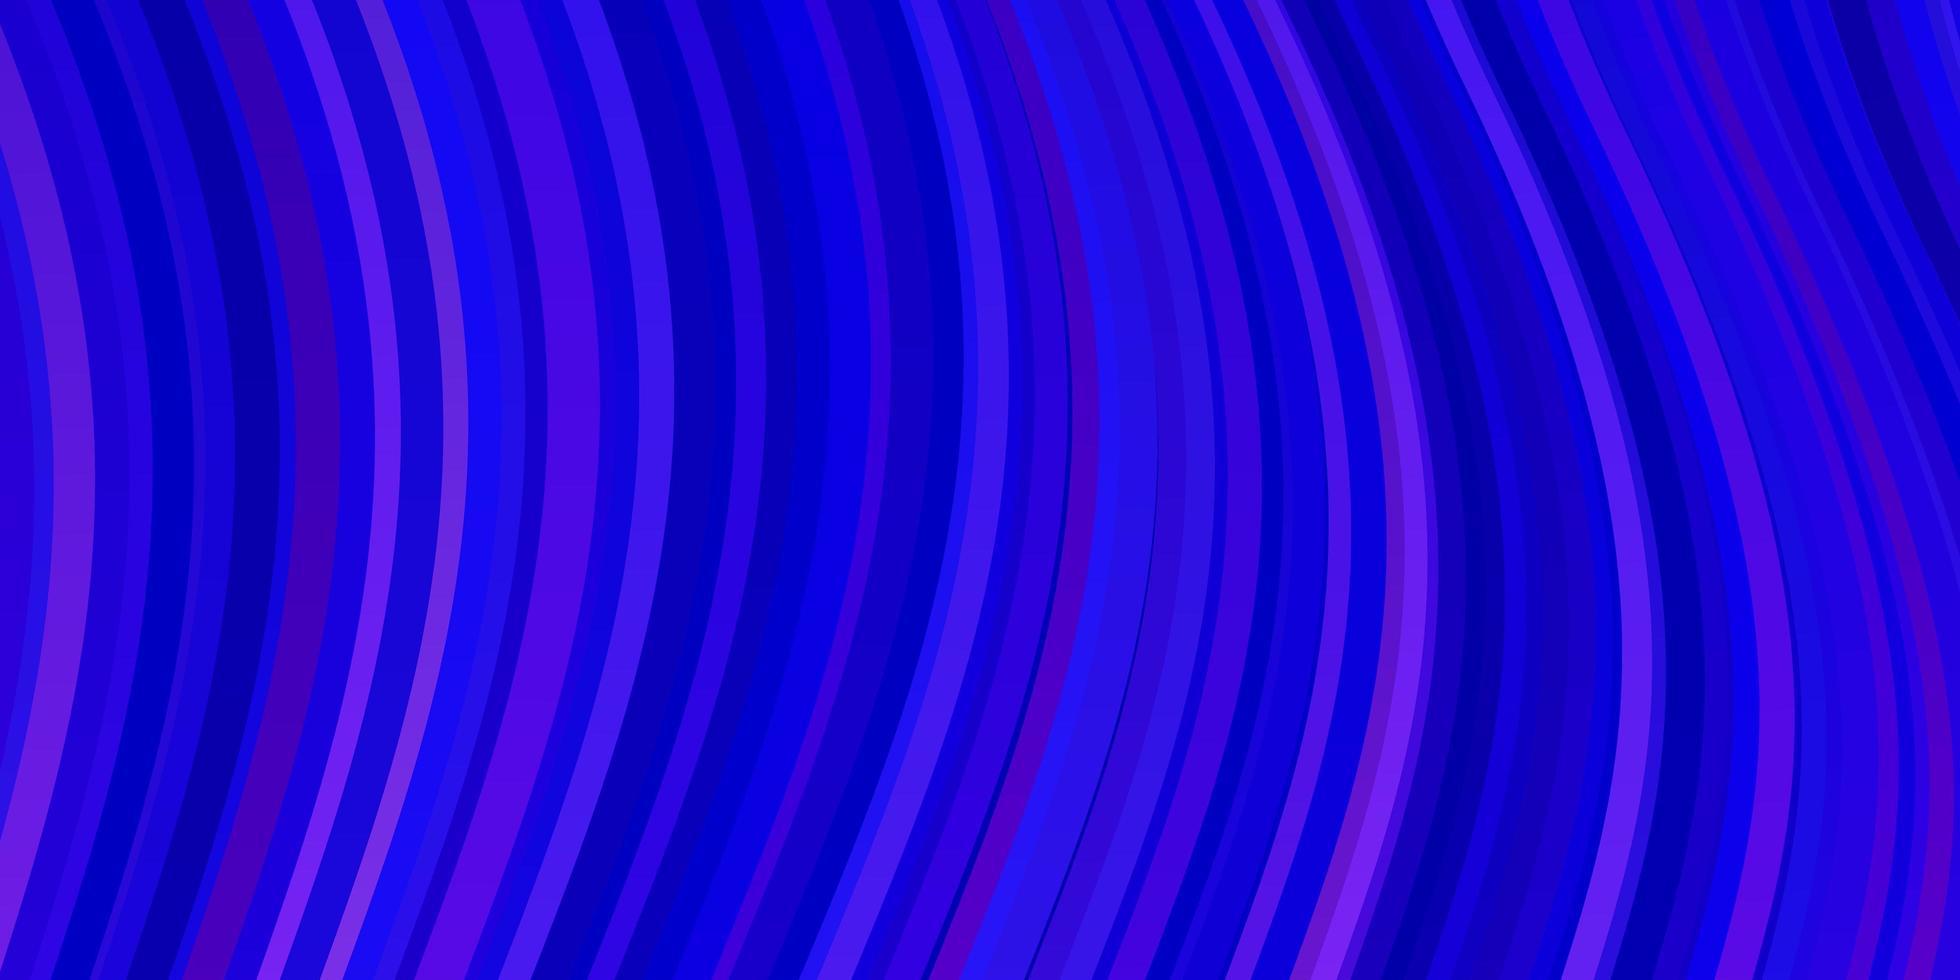 modèle vectoriel rose clair, bleu avec des courbes.